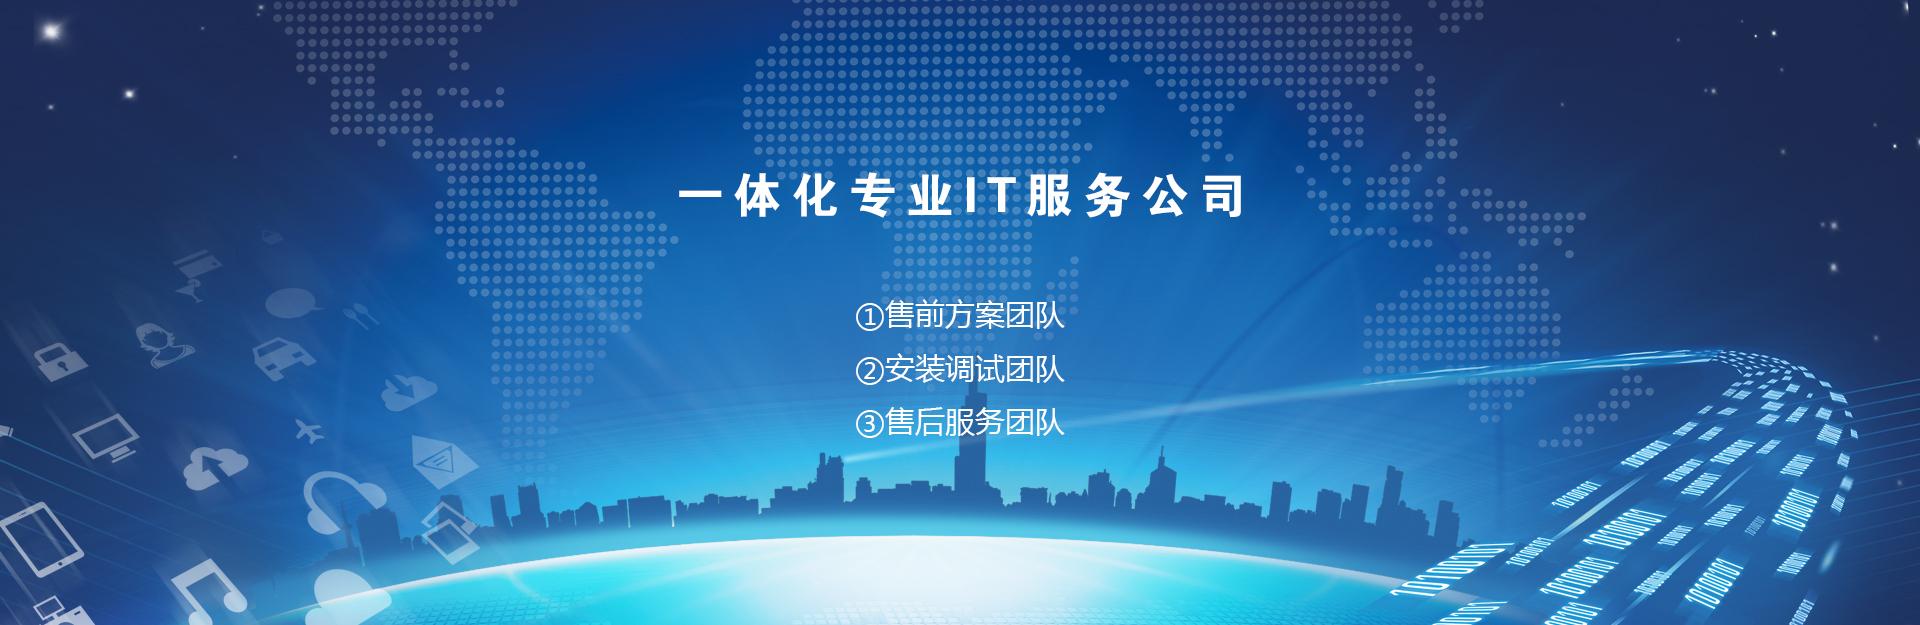 戴尔服务器南京经销商